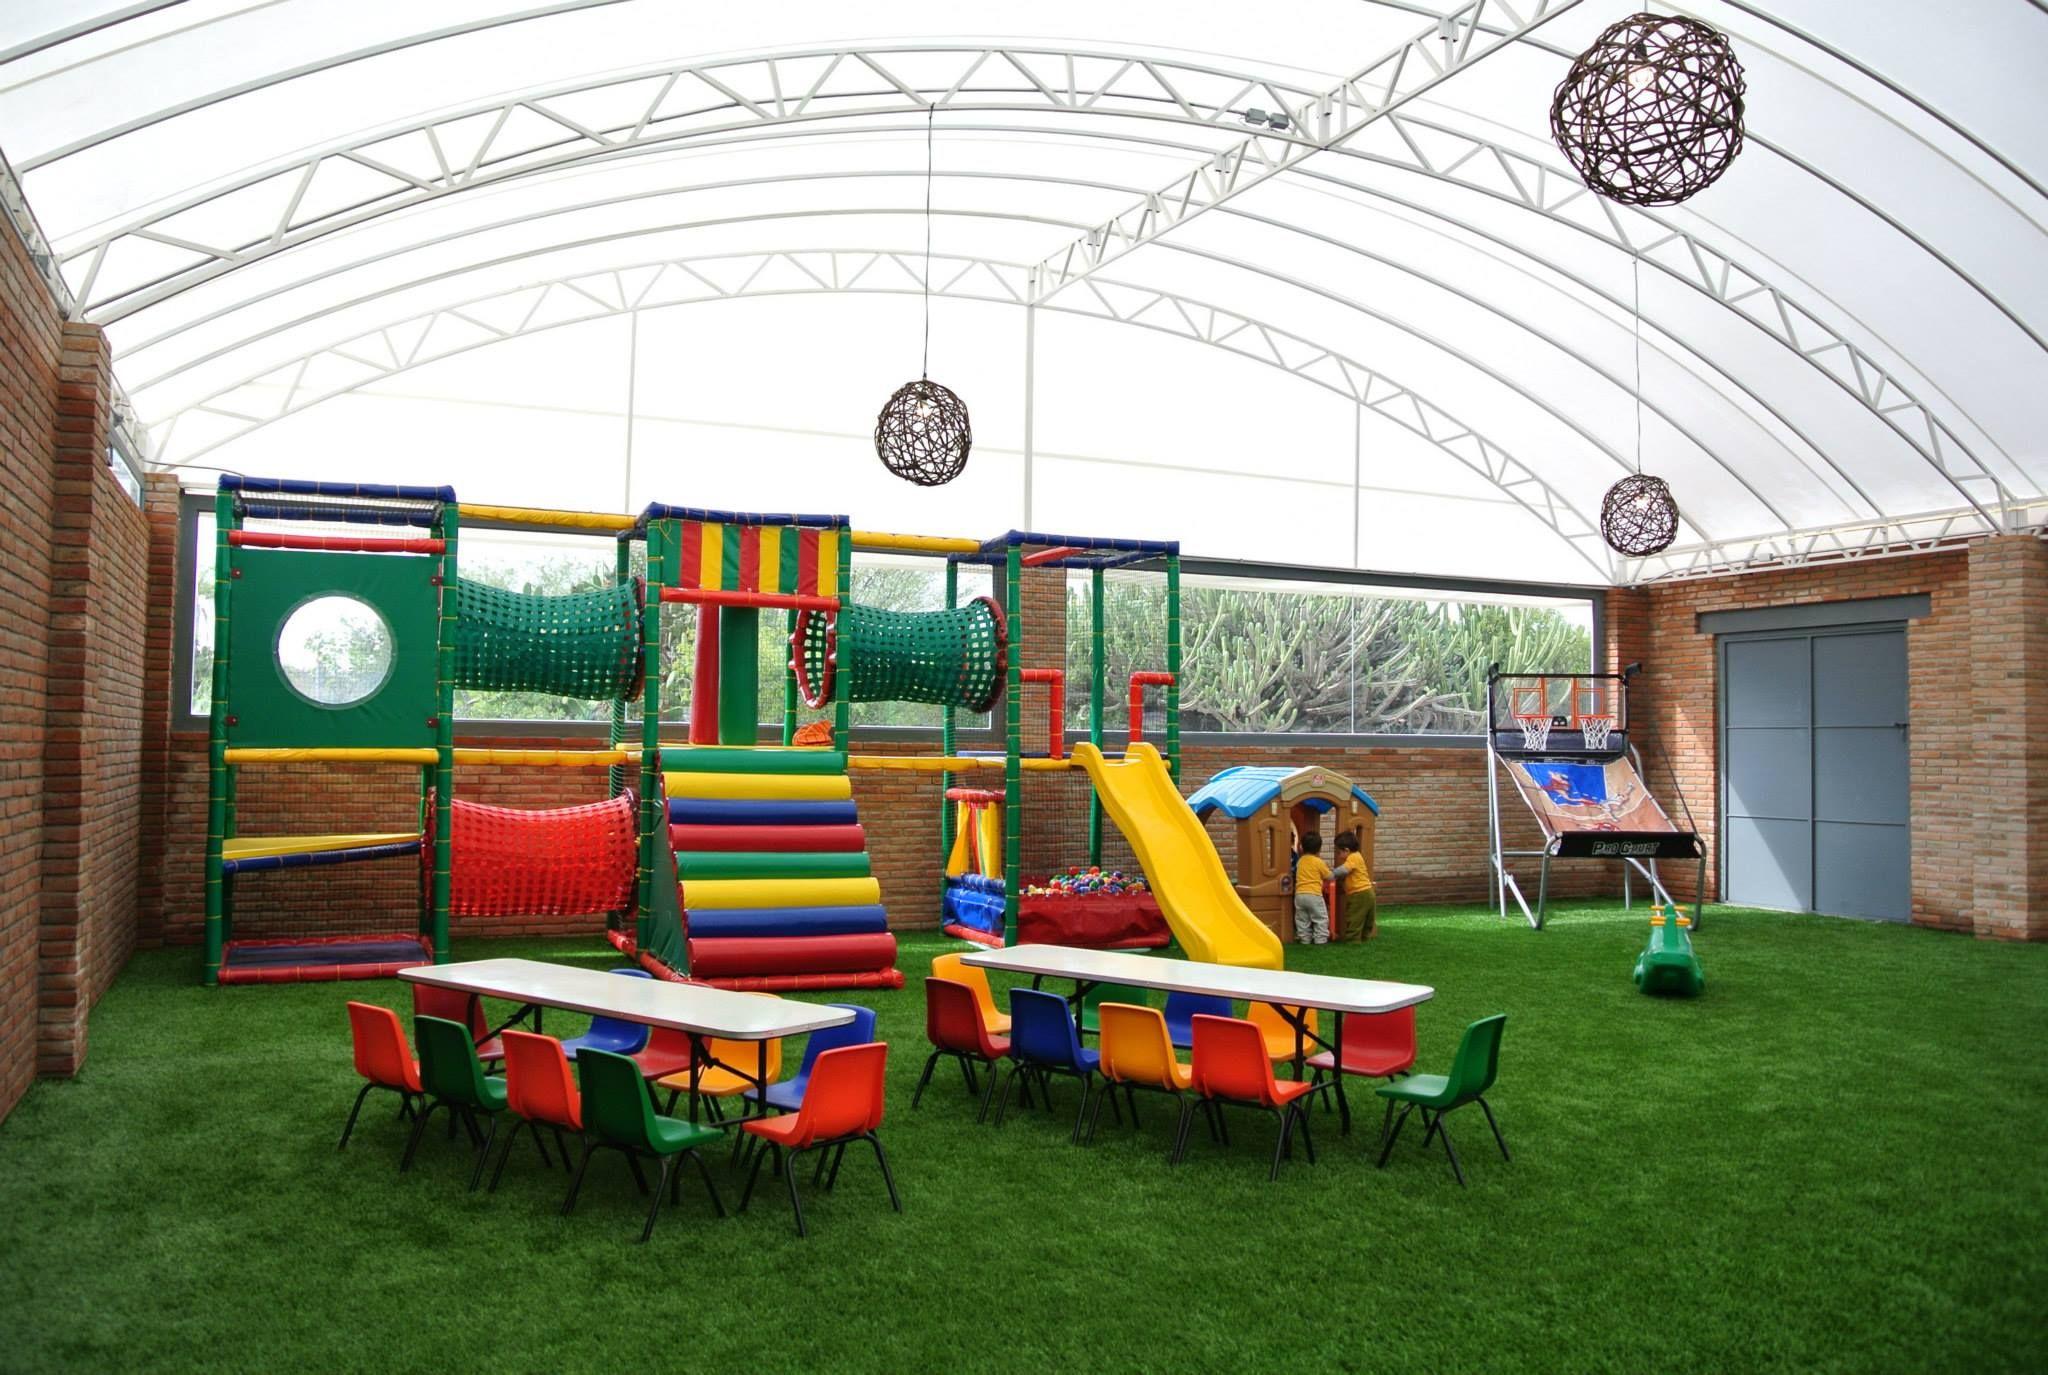 Santa Fe Salon de Eventos | Santa Fe Salon de Eventos en ...